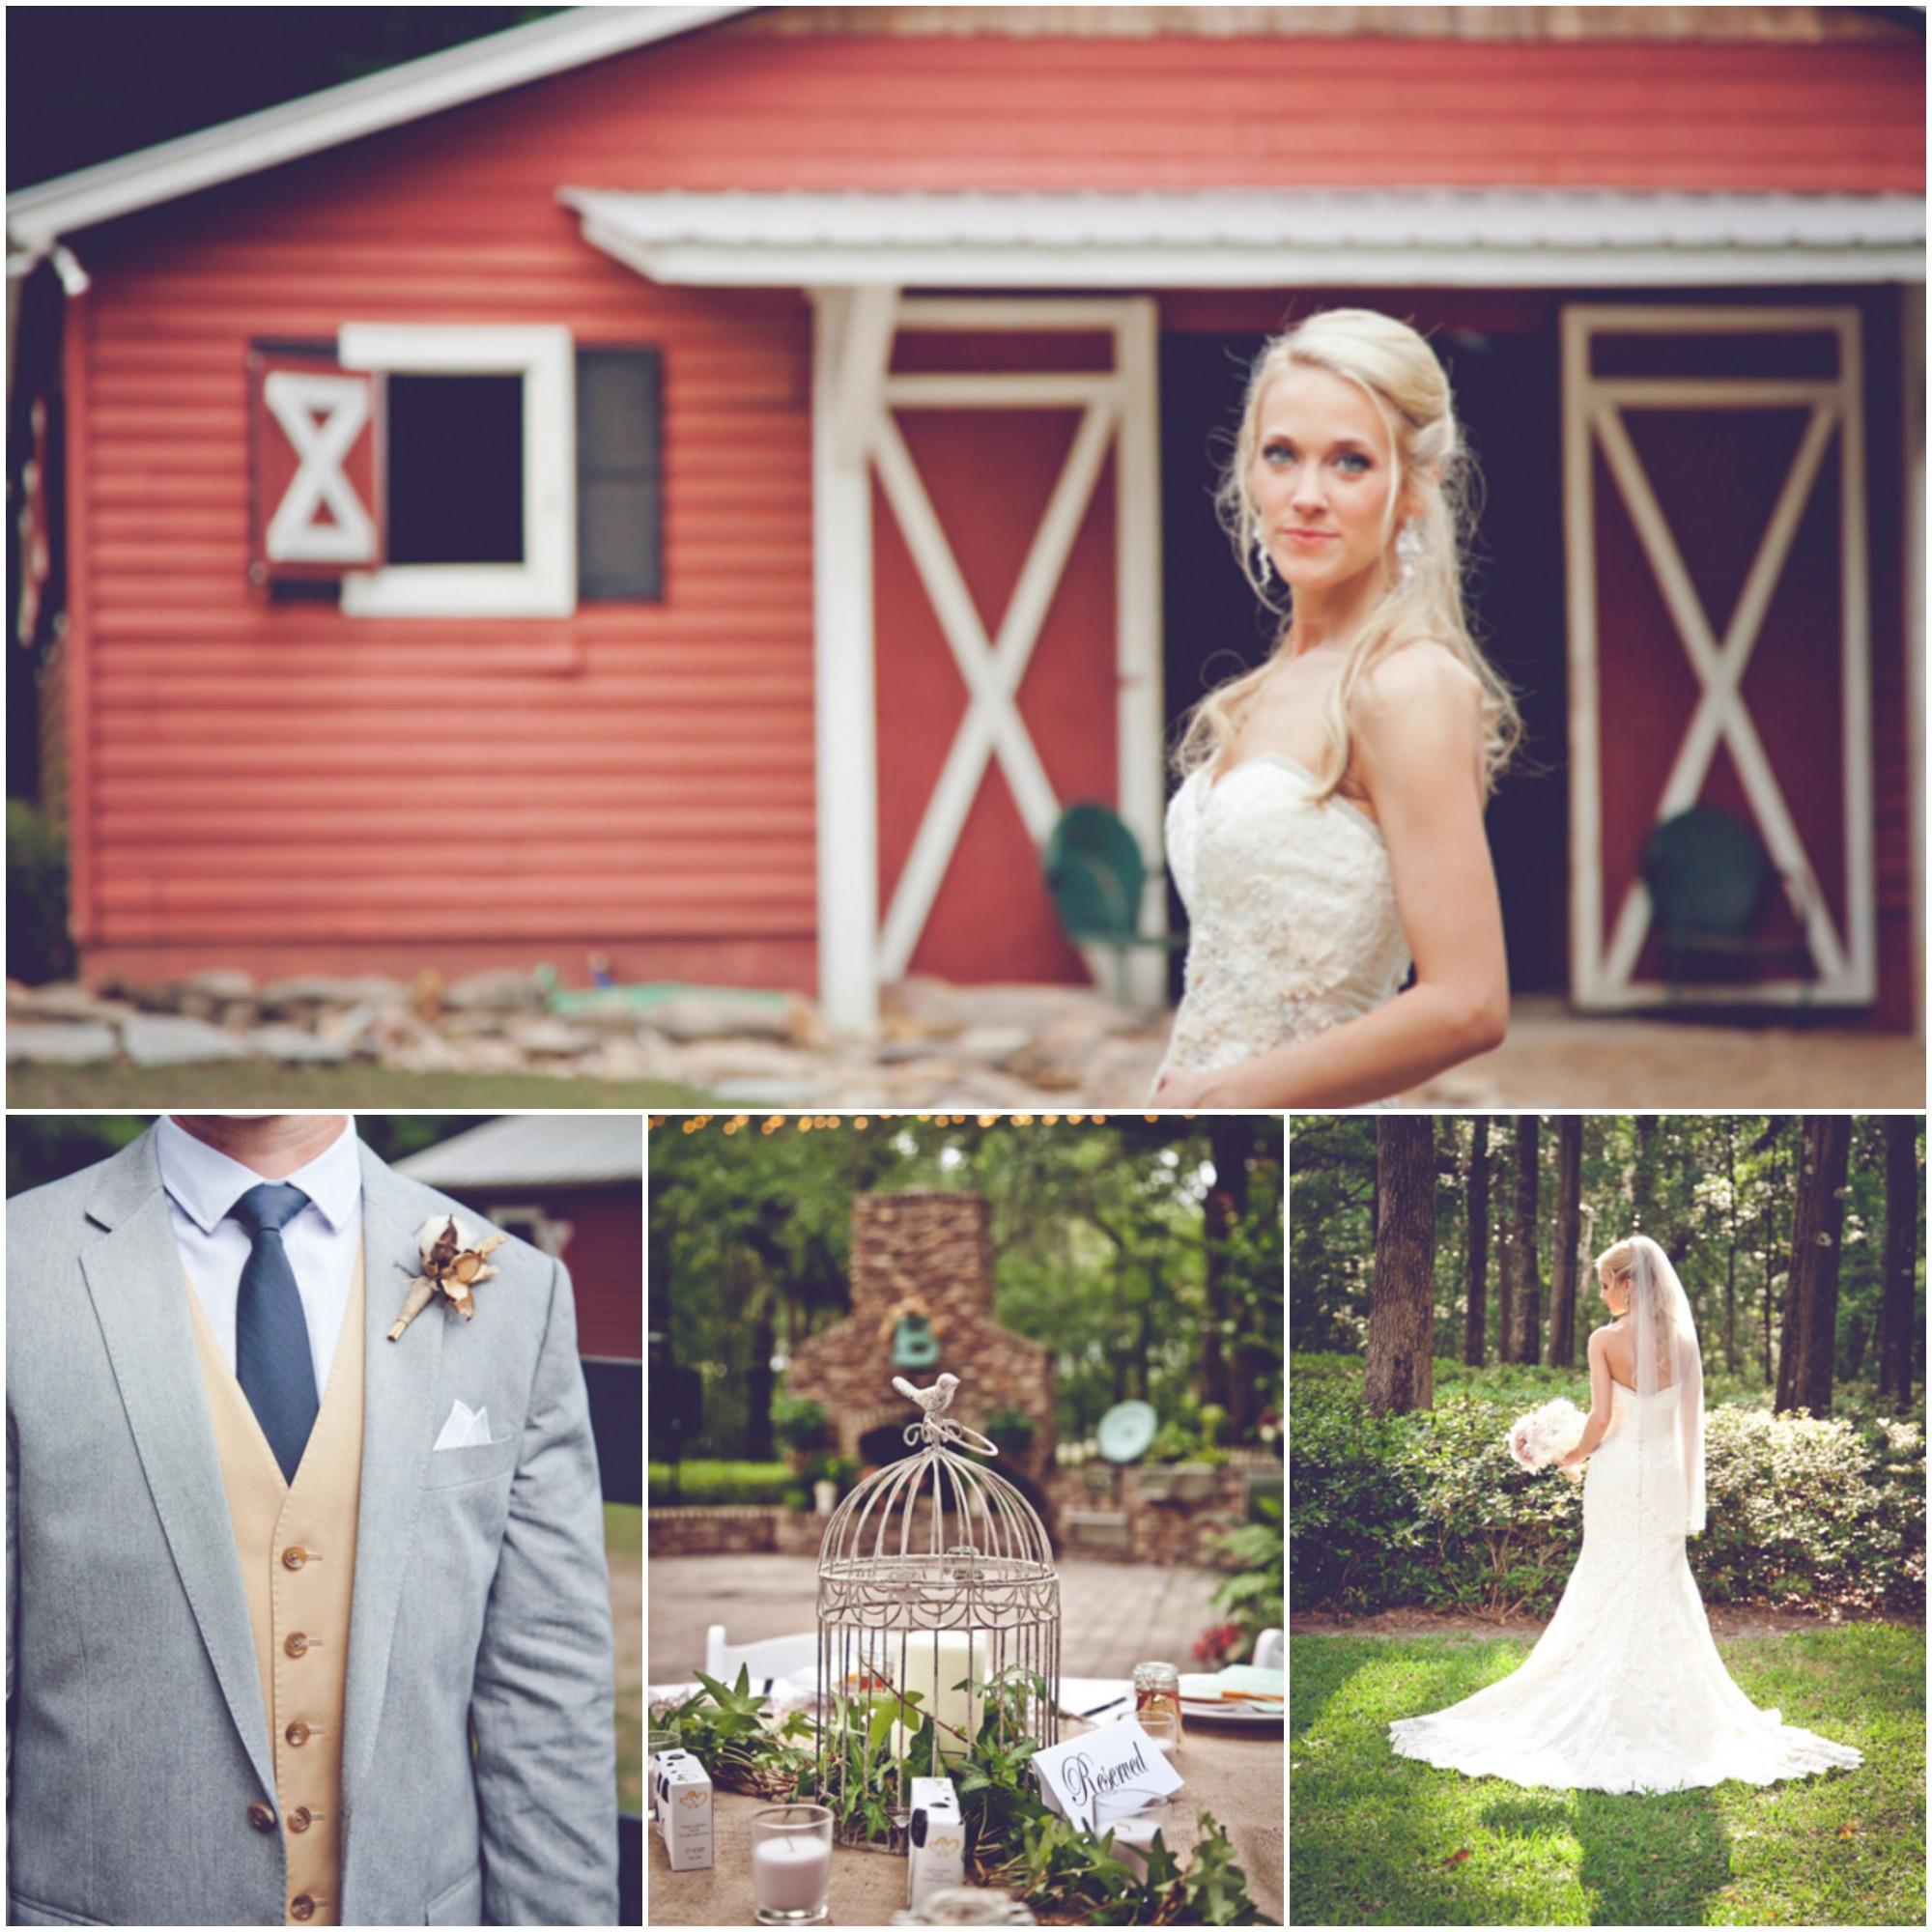 Rustic Barn Weddings In Ga: Georgia Farm Wedding At Jingle Bell Farm